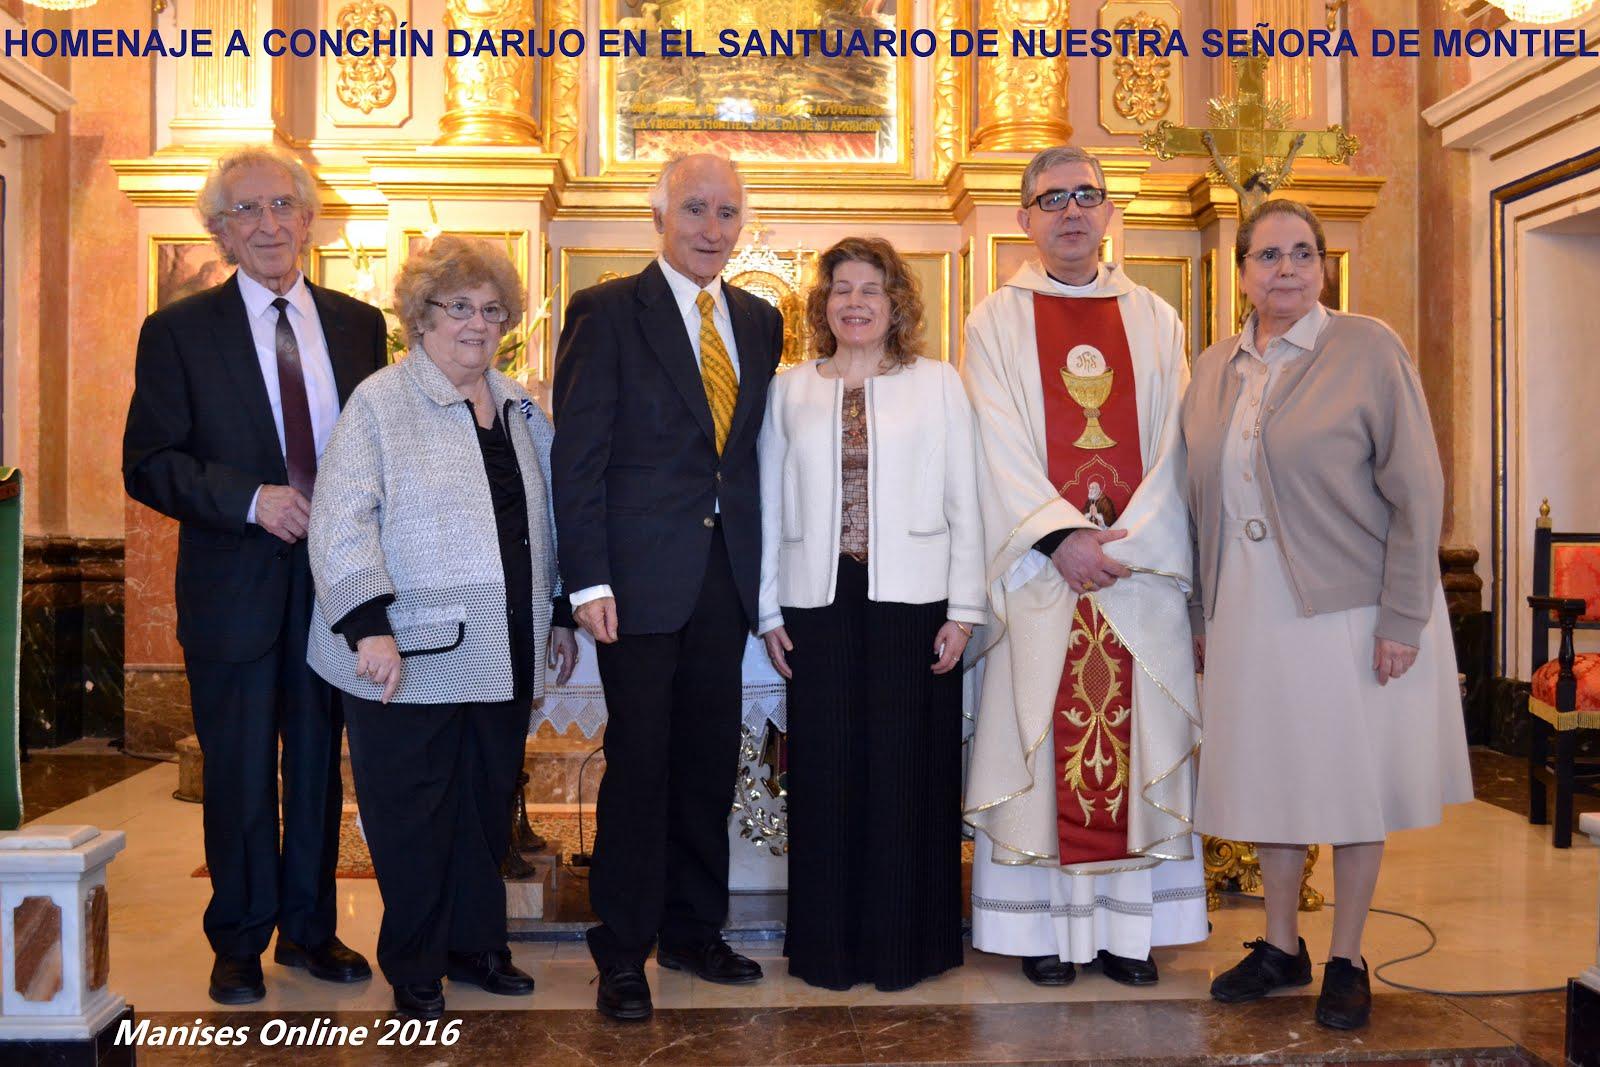 06.11.16 HOMENAJE A CONCHÍN DARIJO EN EL SANTUARIO DE NTRA SEÑORA DE MONTIEL EN BENAGUASIL